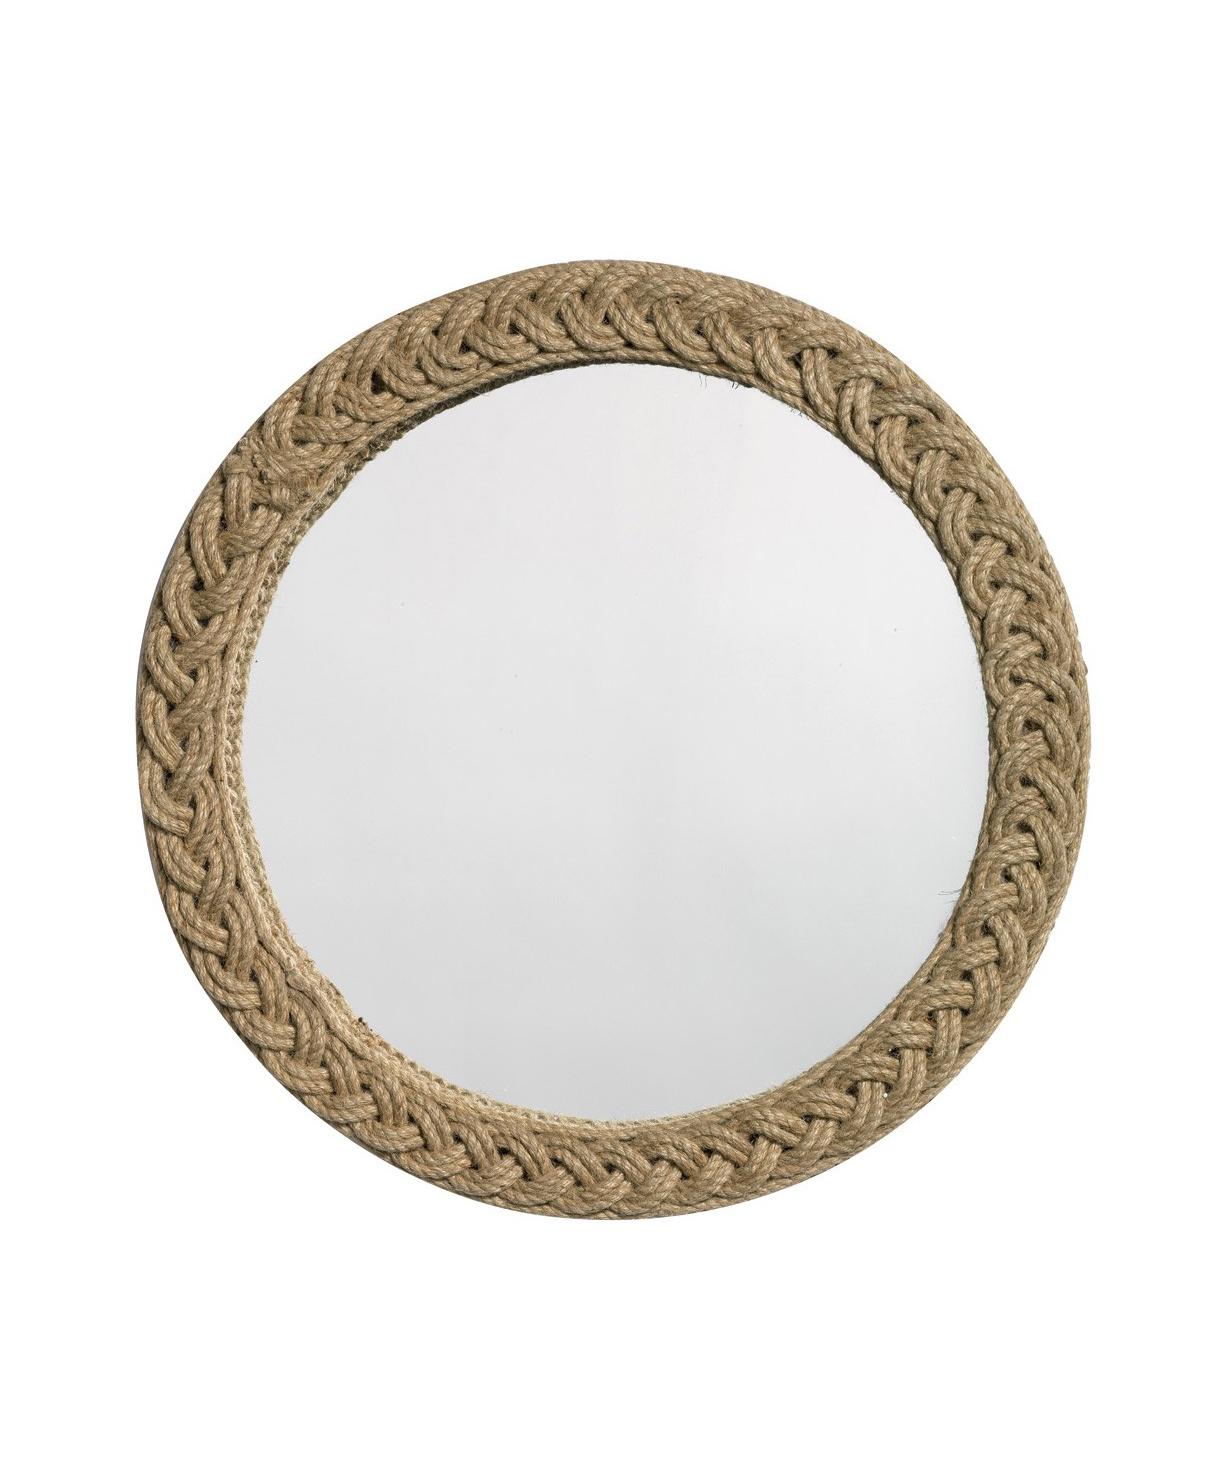 Kayson Mirror